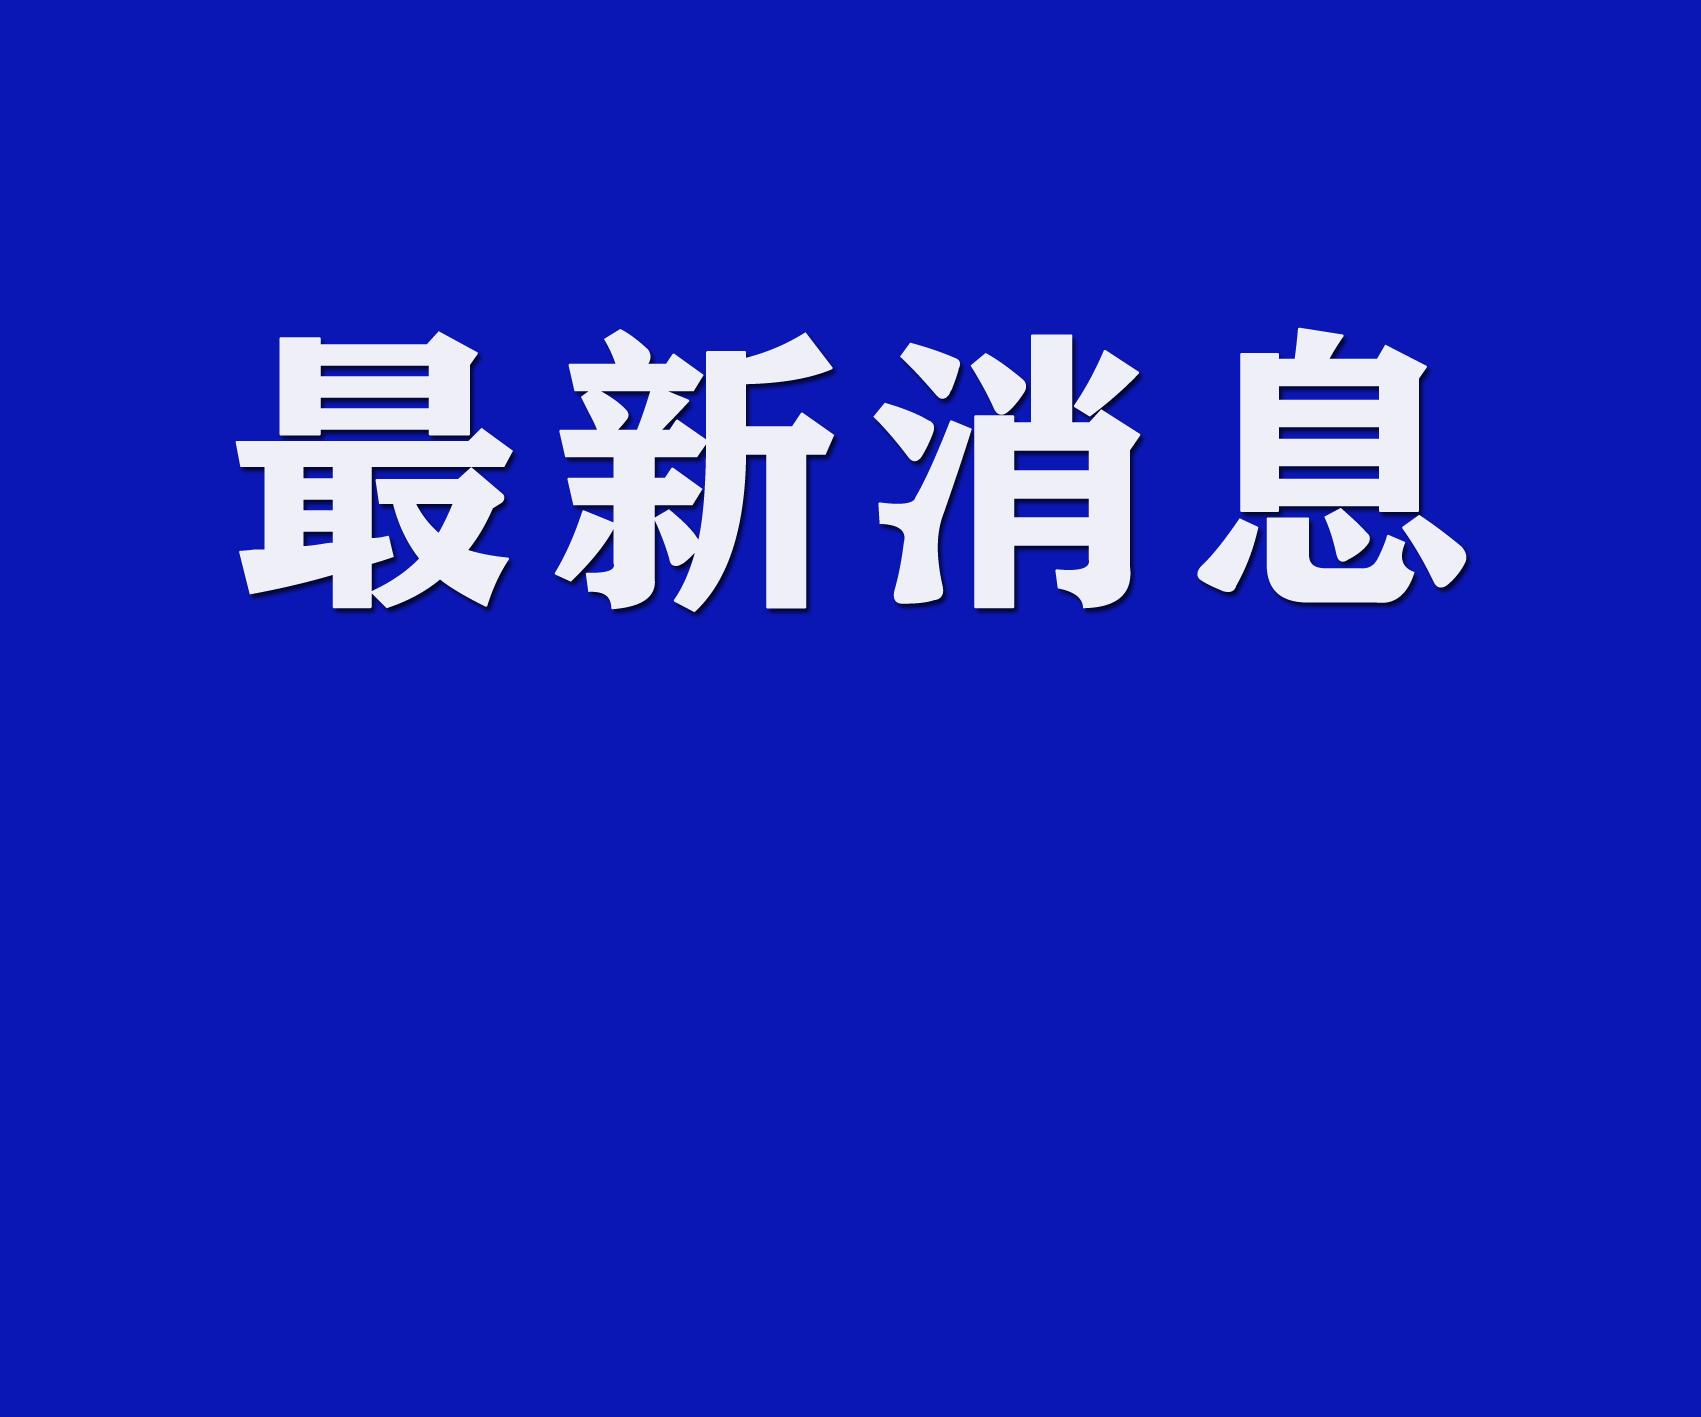 襄阳发现3例疑似病例  全部在枣阳